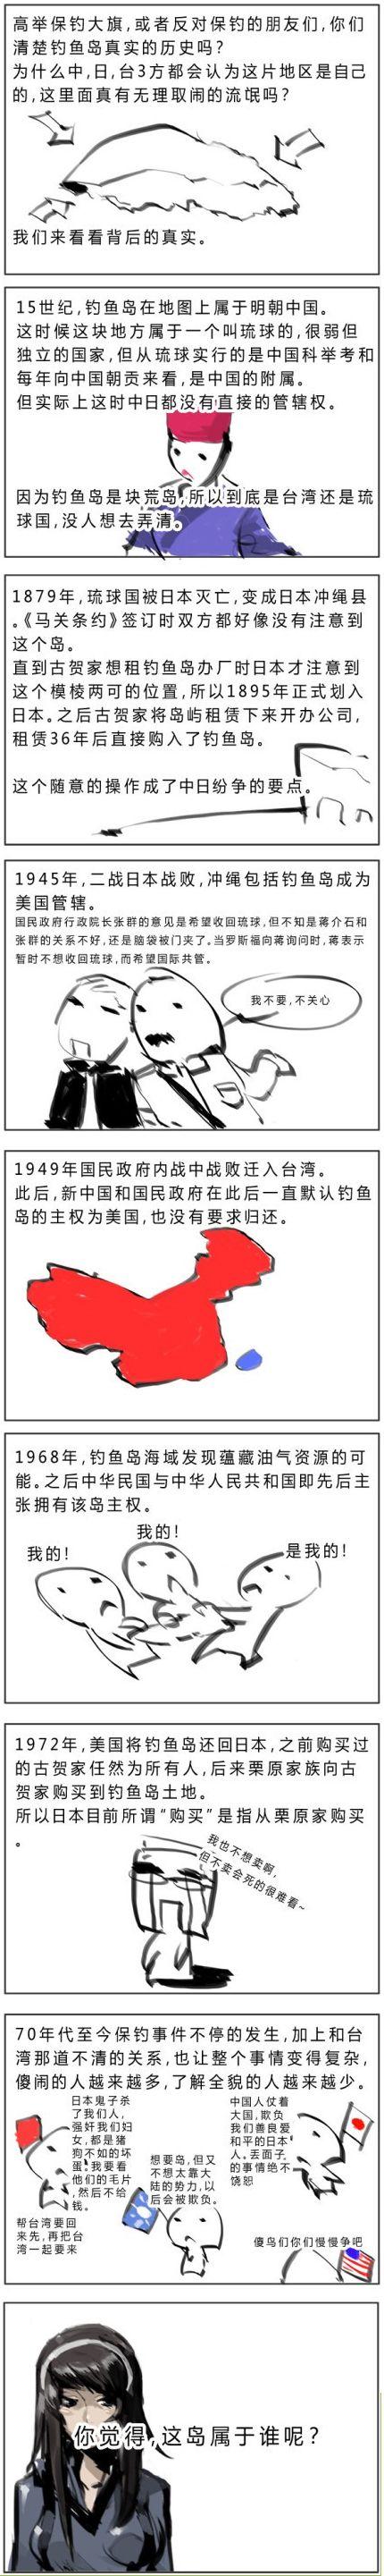 钓鱼岛的历史真相